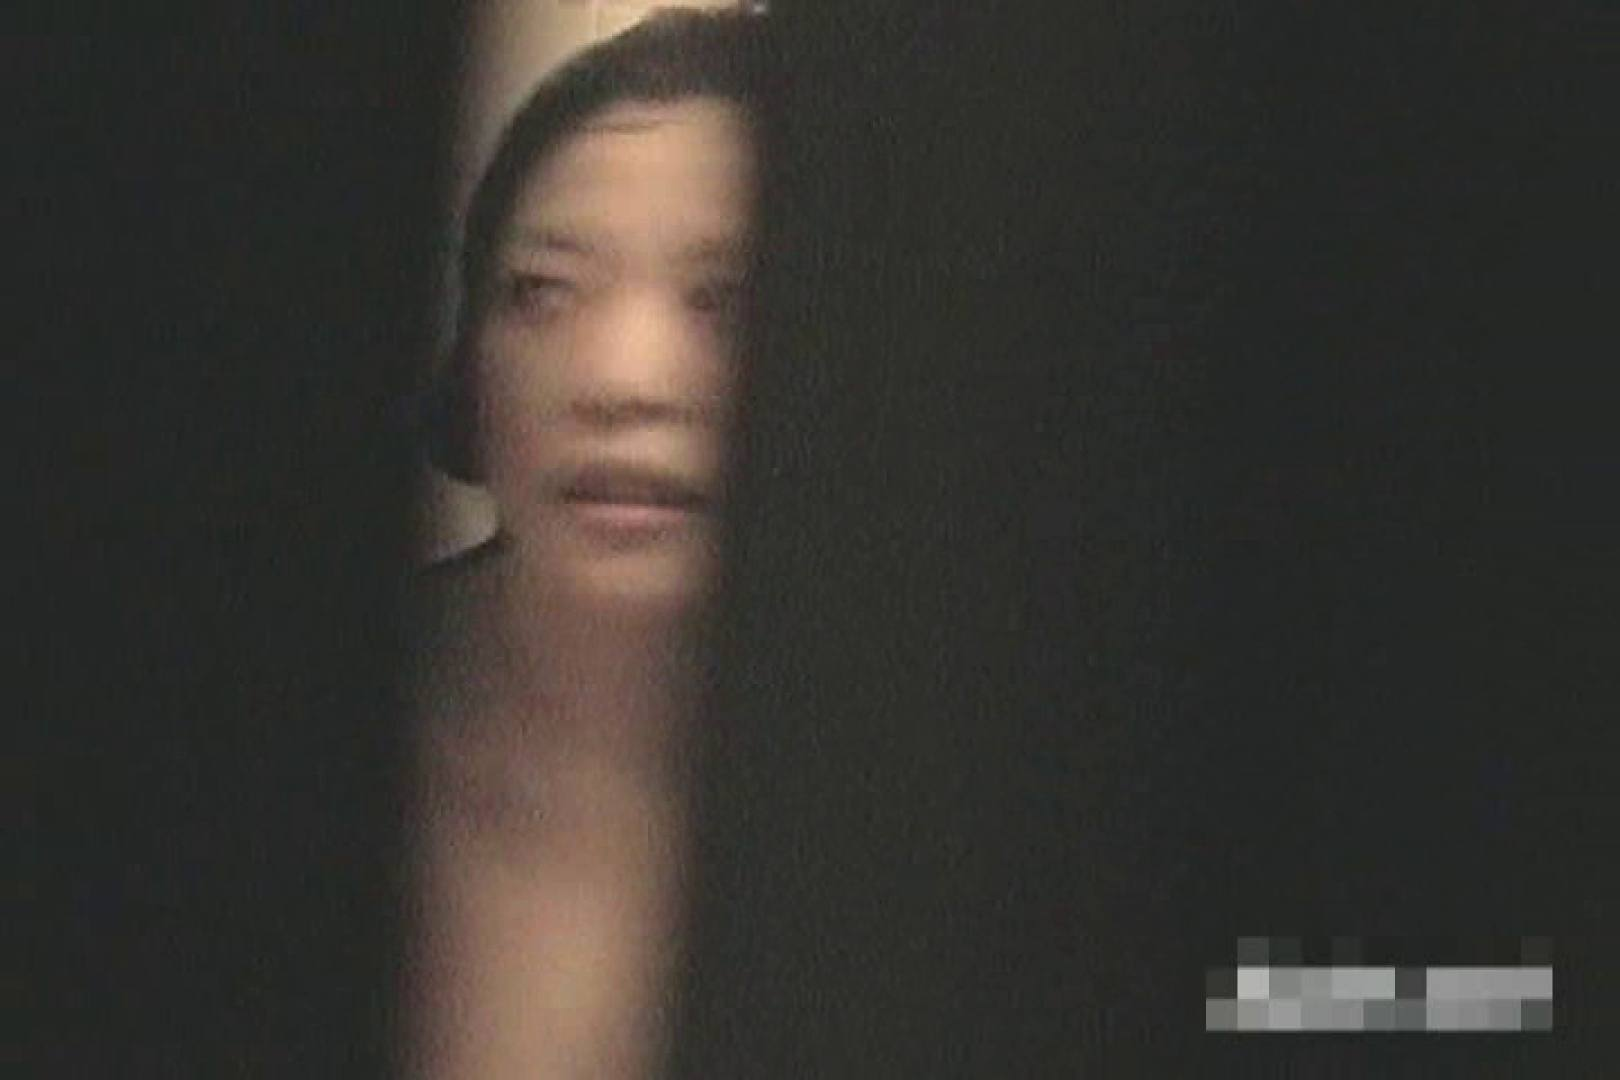 激撮ストーカー記録あなたのお宅拝見しますVol.5 美しいOLの裸体 エロ無料画像 70pic 58